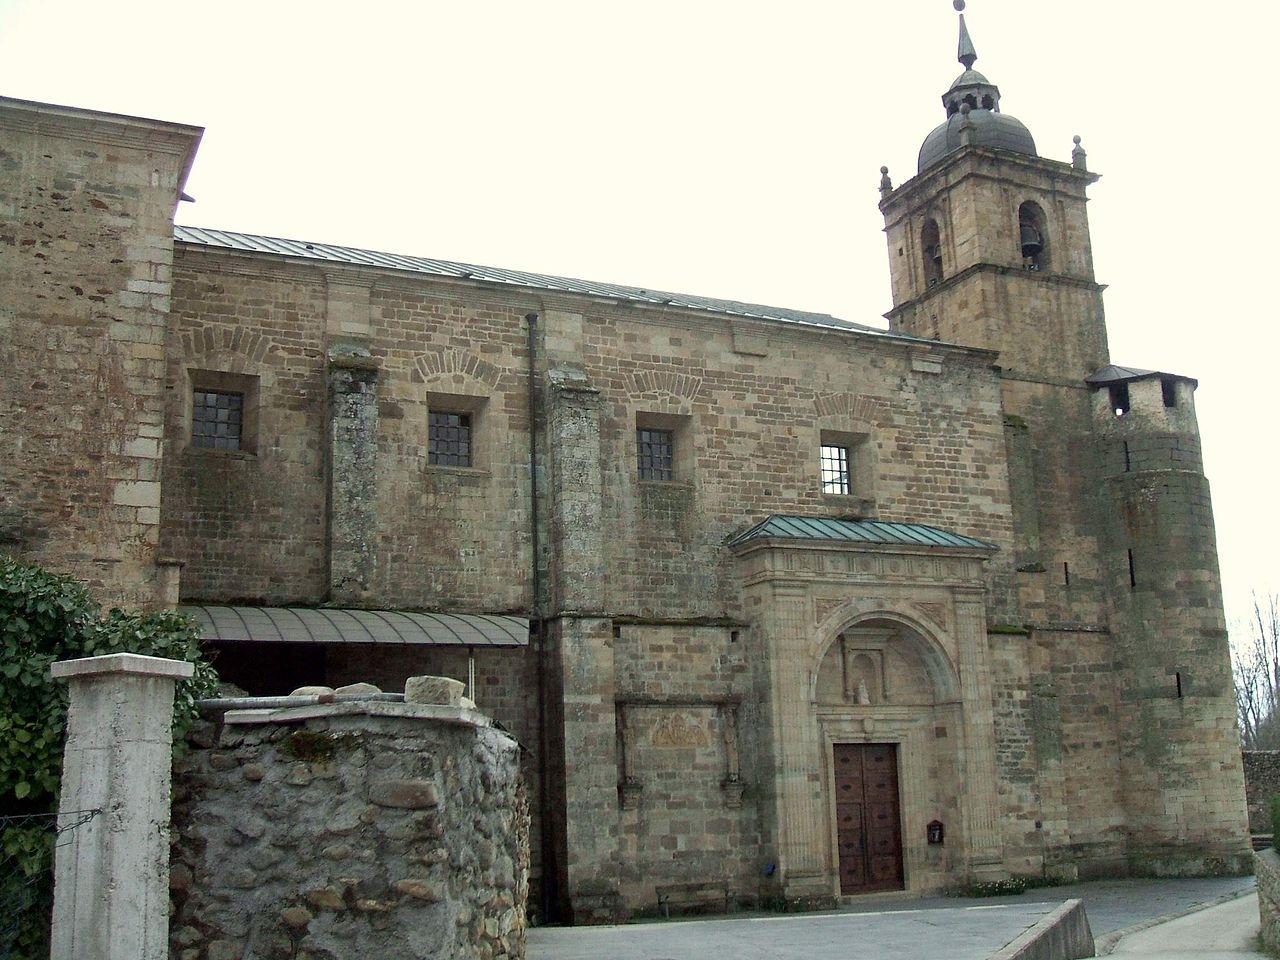 La Comisión de Patrimonio autoriza la restauración del campanario del Monasterio de la Anunciada, en Villafranca del Bierzo 1